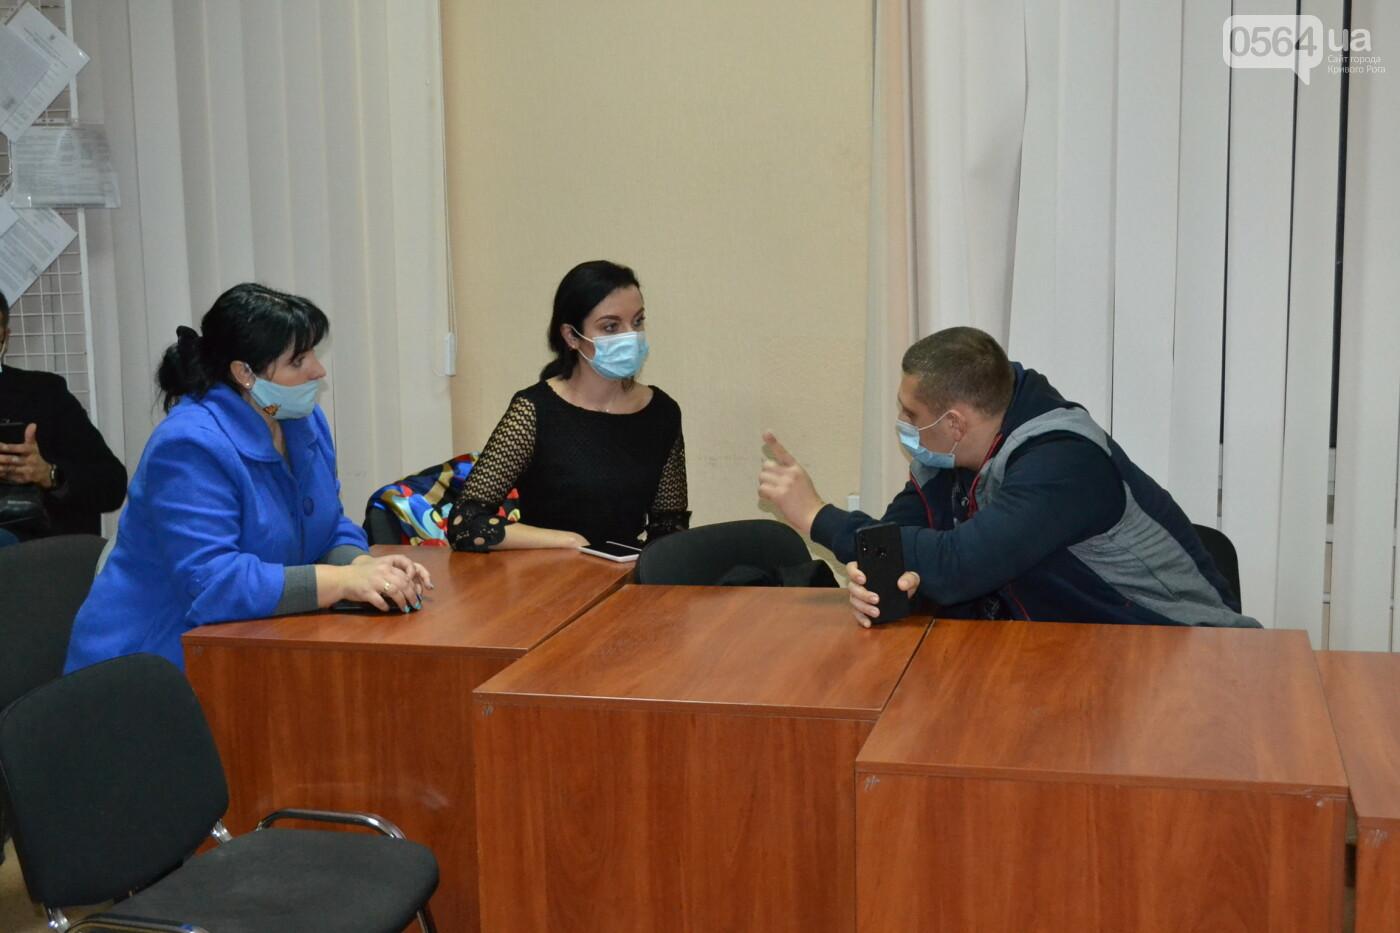 Криворожская РИК продолжает принимать протоколы об итогах голосования на выборах в райсовет, - ФОТО, фото-4